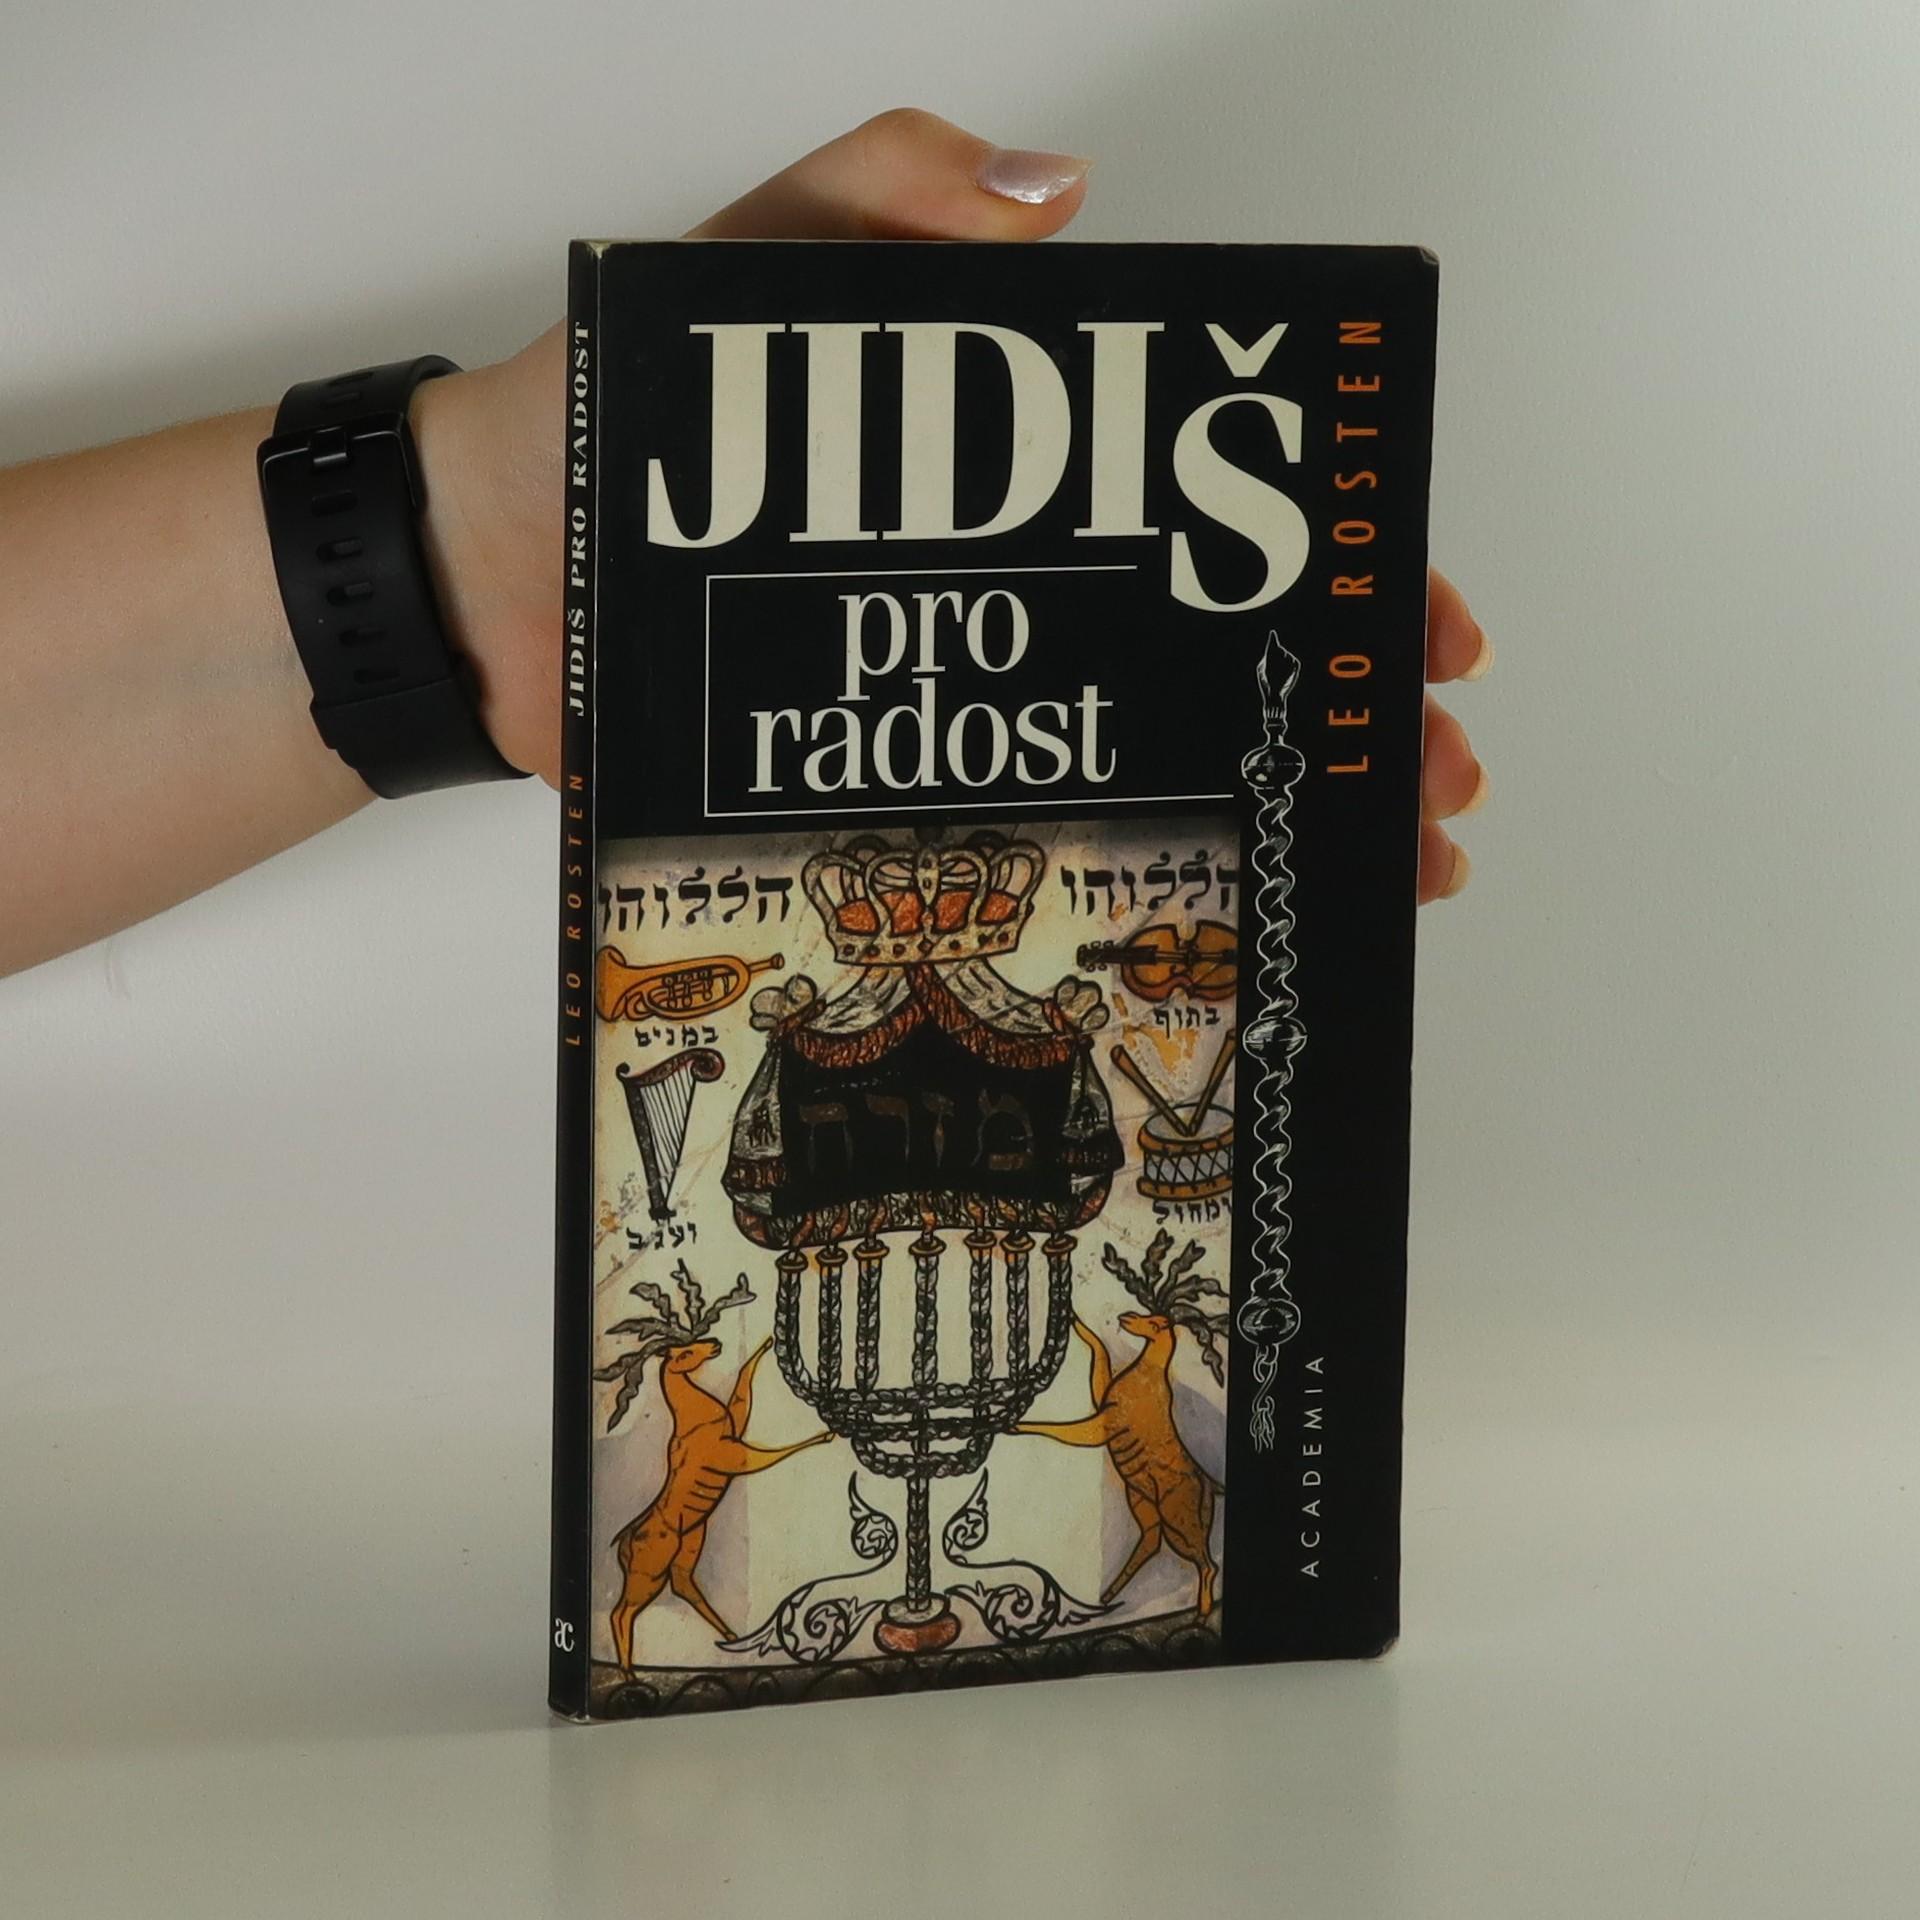 antikvární kniha Jidiš pro radost, 1998